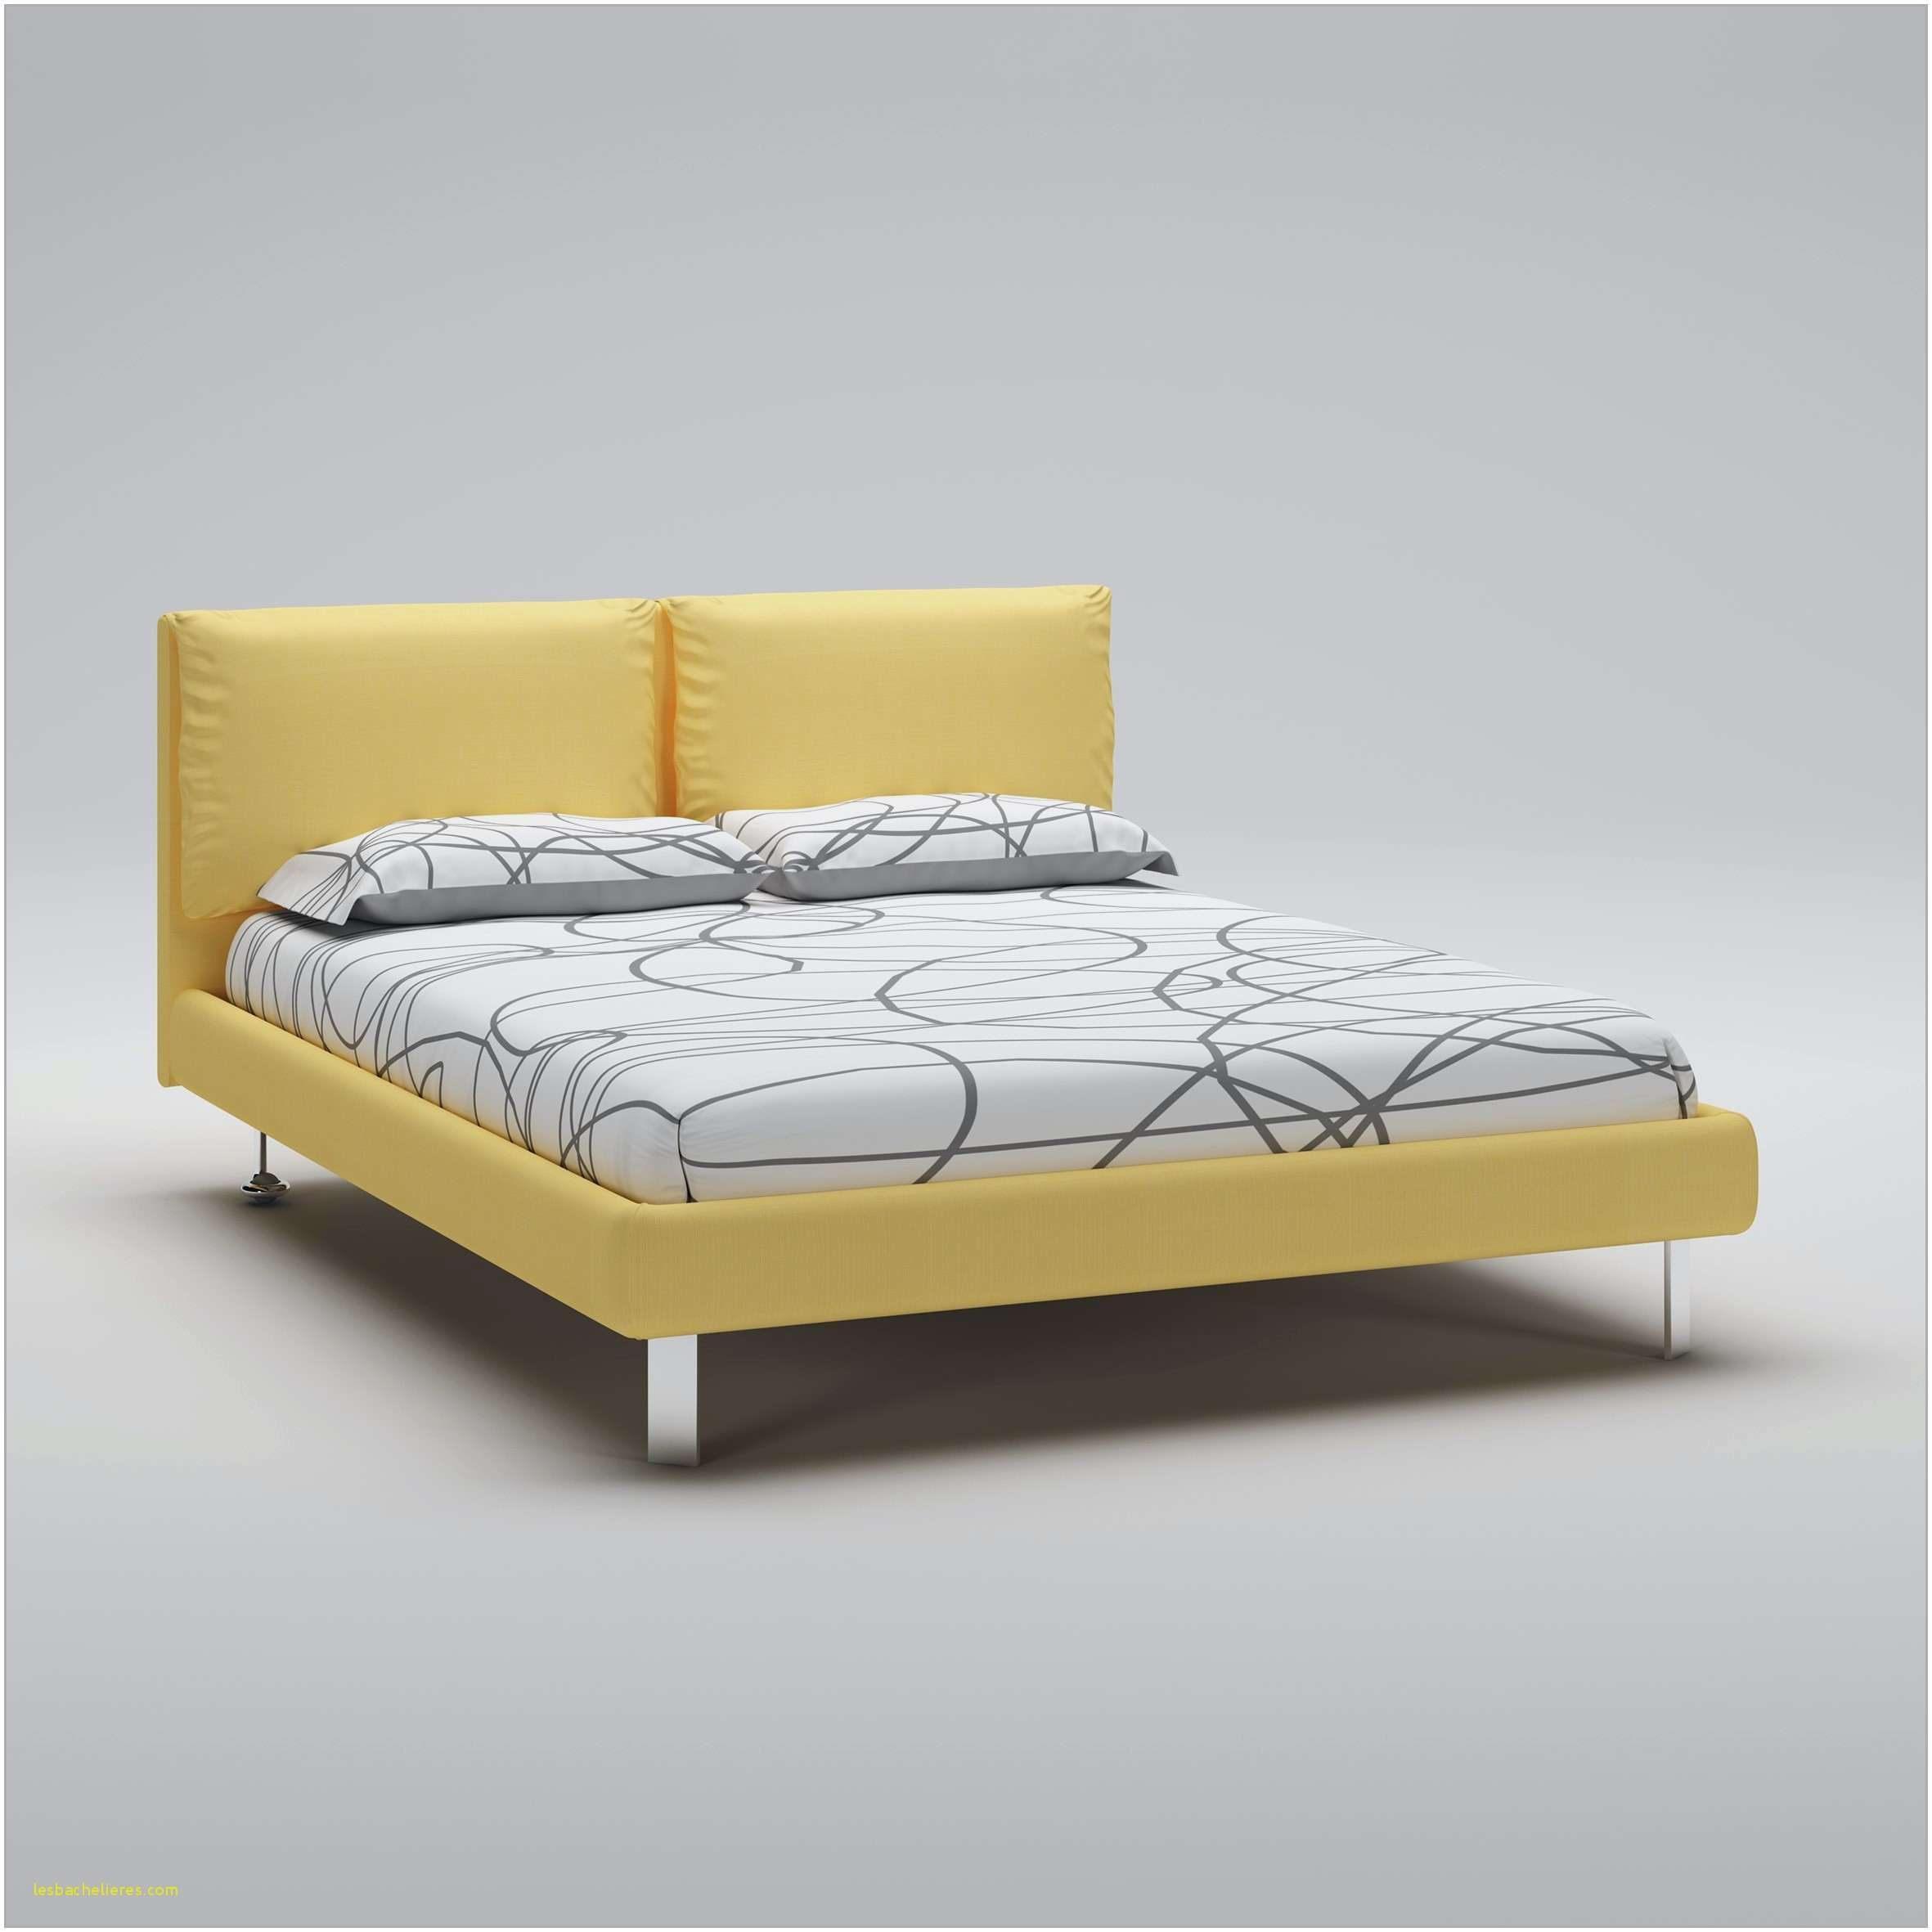 Tete De Lit Gris Anthracite Beau Le Meilleur De Tete De Lit Ikea 180 Tete Lit Ikea Beau Article with